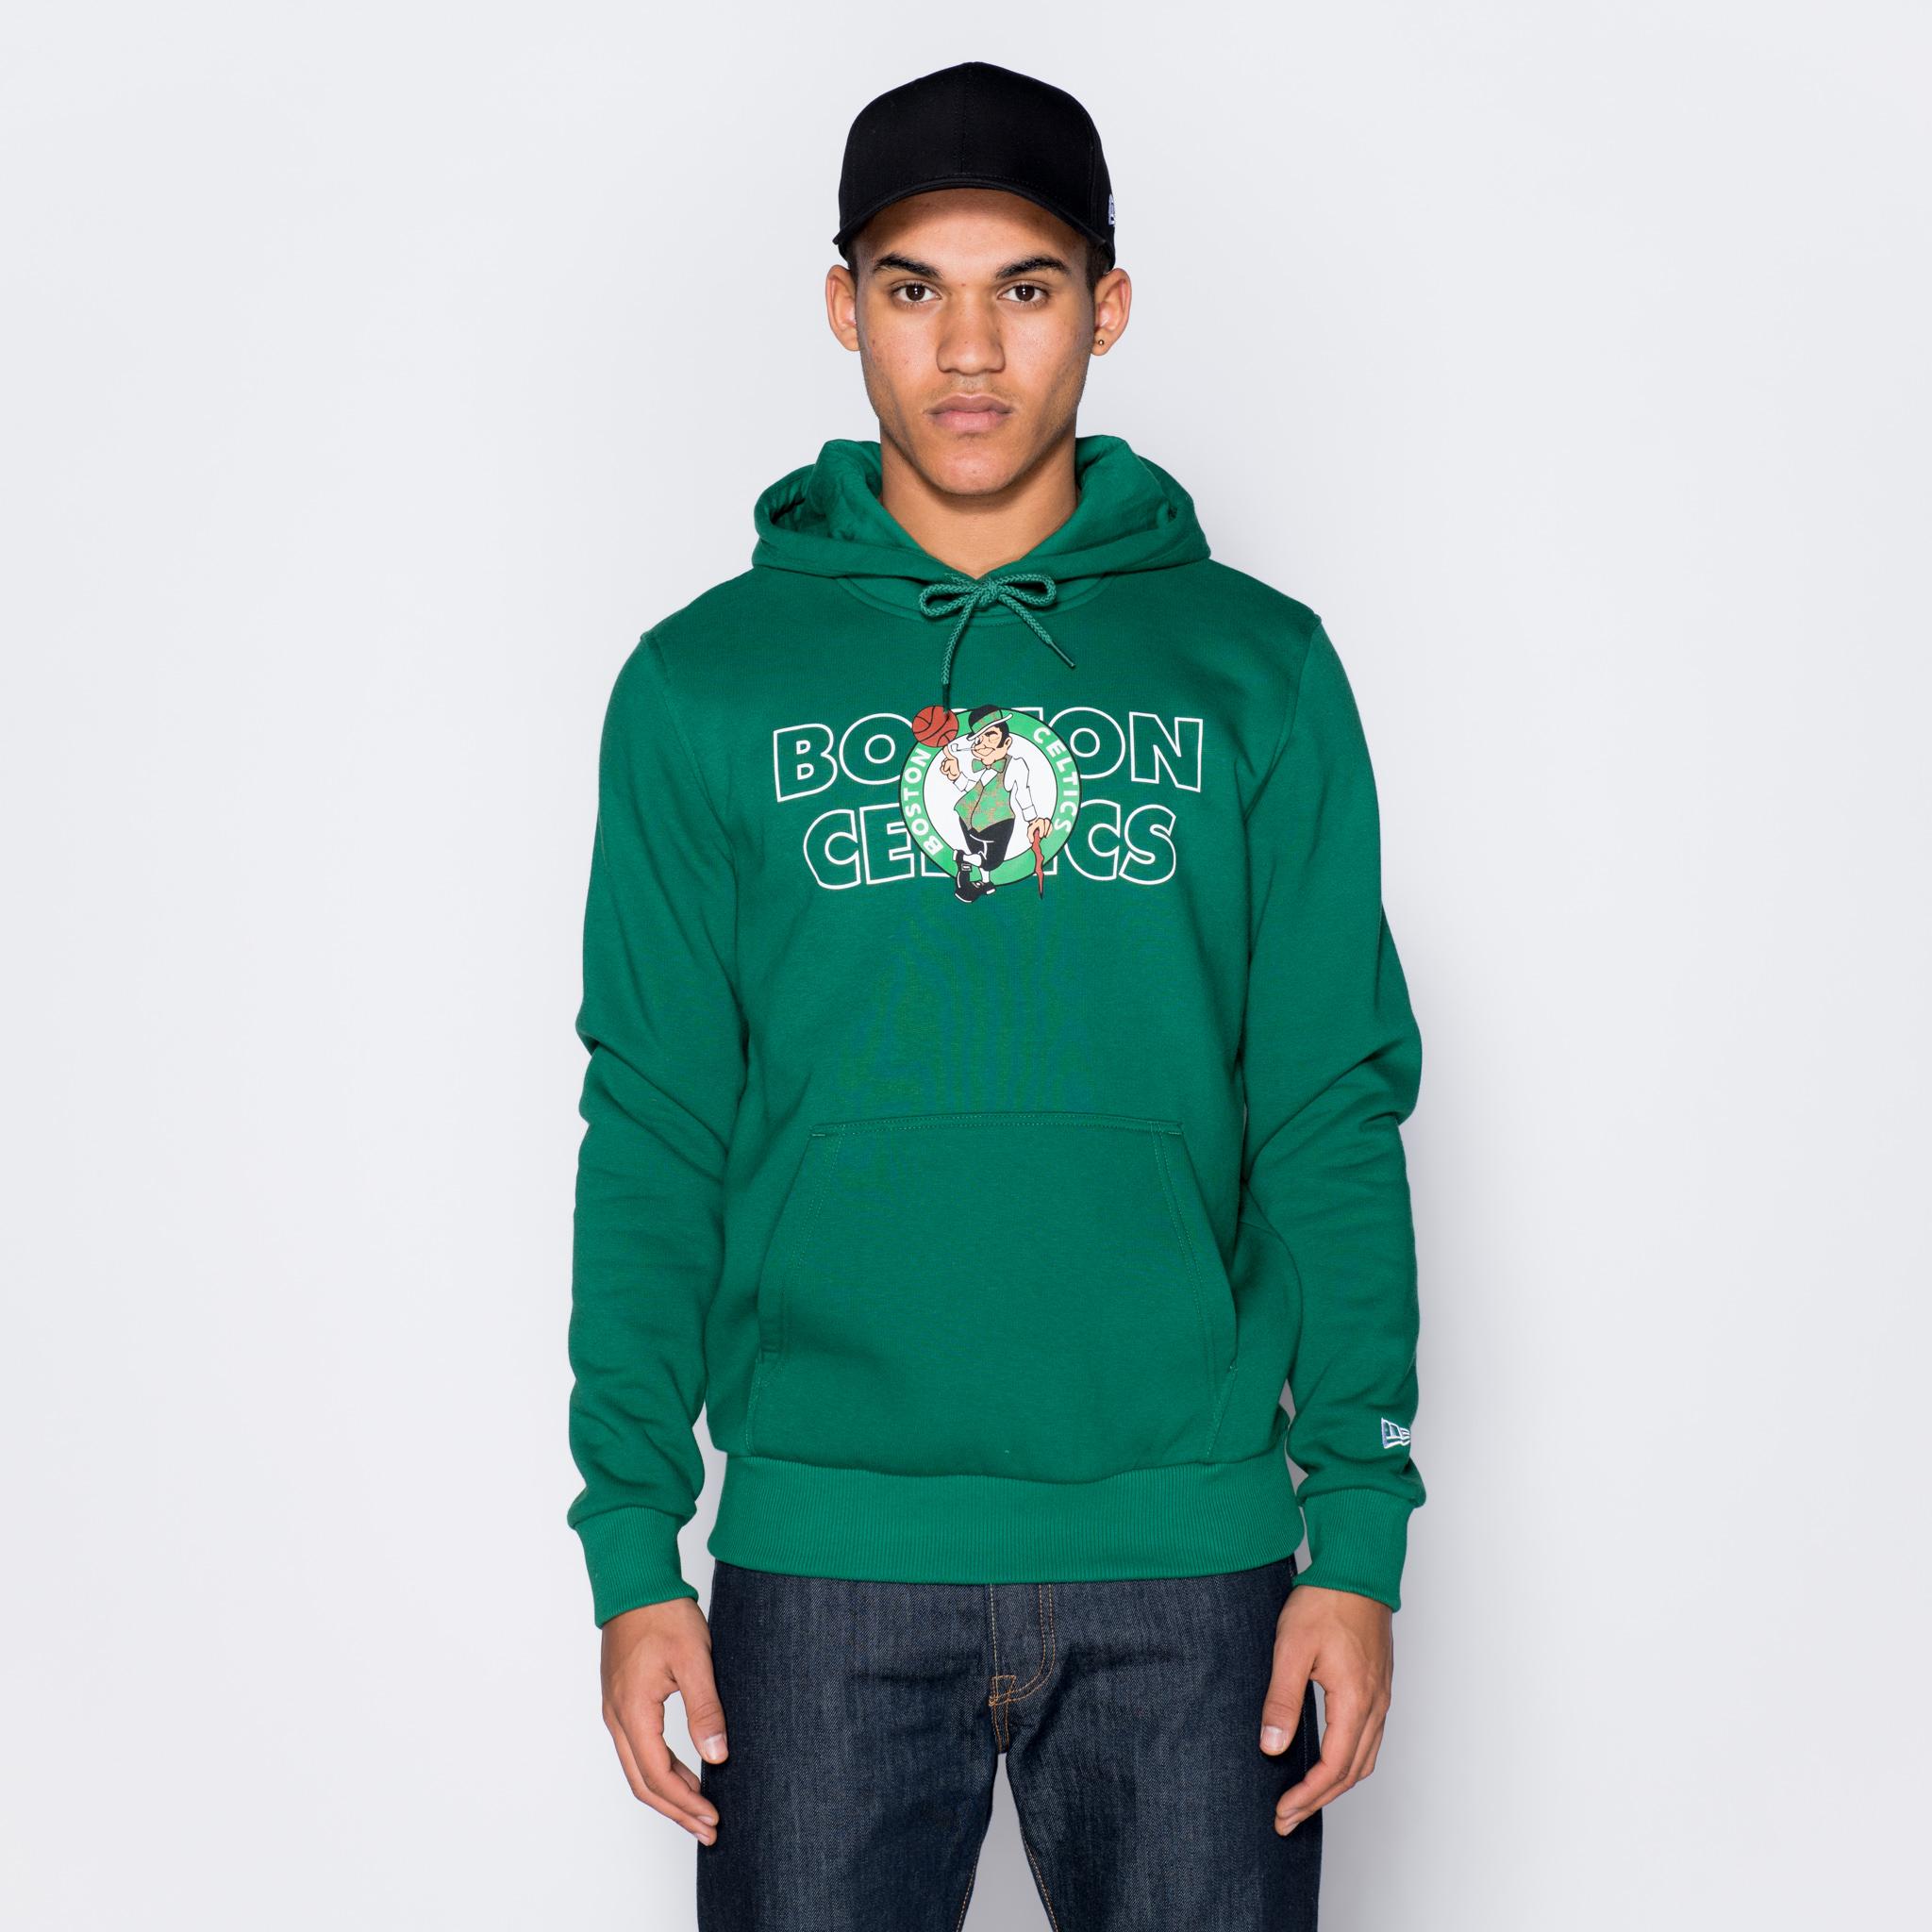 Boston Celtics – Grüner Hoodie mit Logo